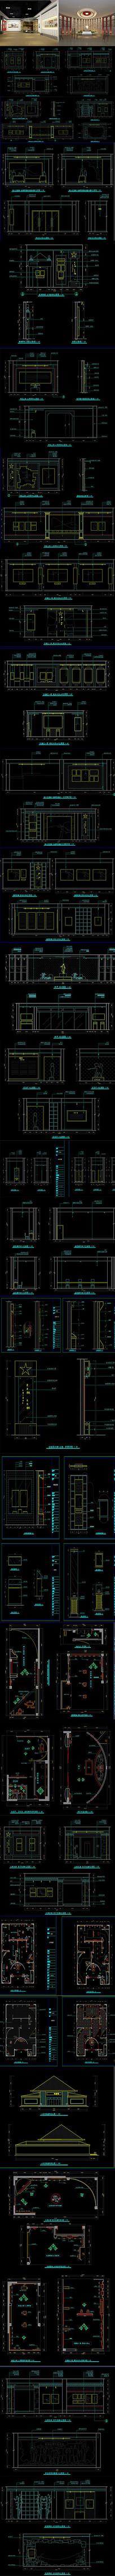 某纪念馆CAD施工图 效果图